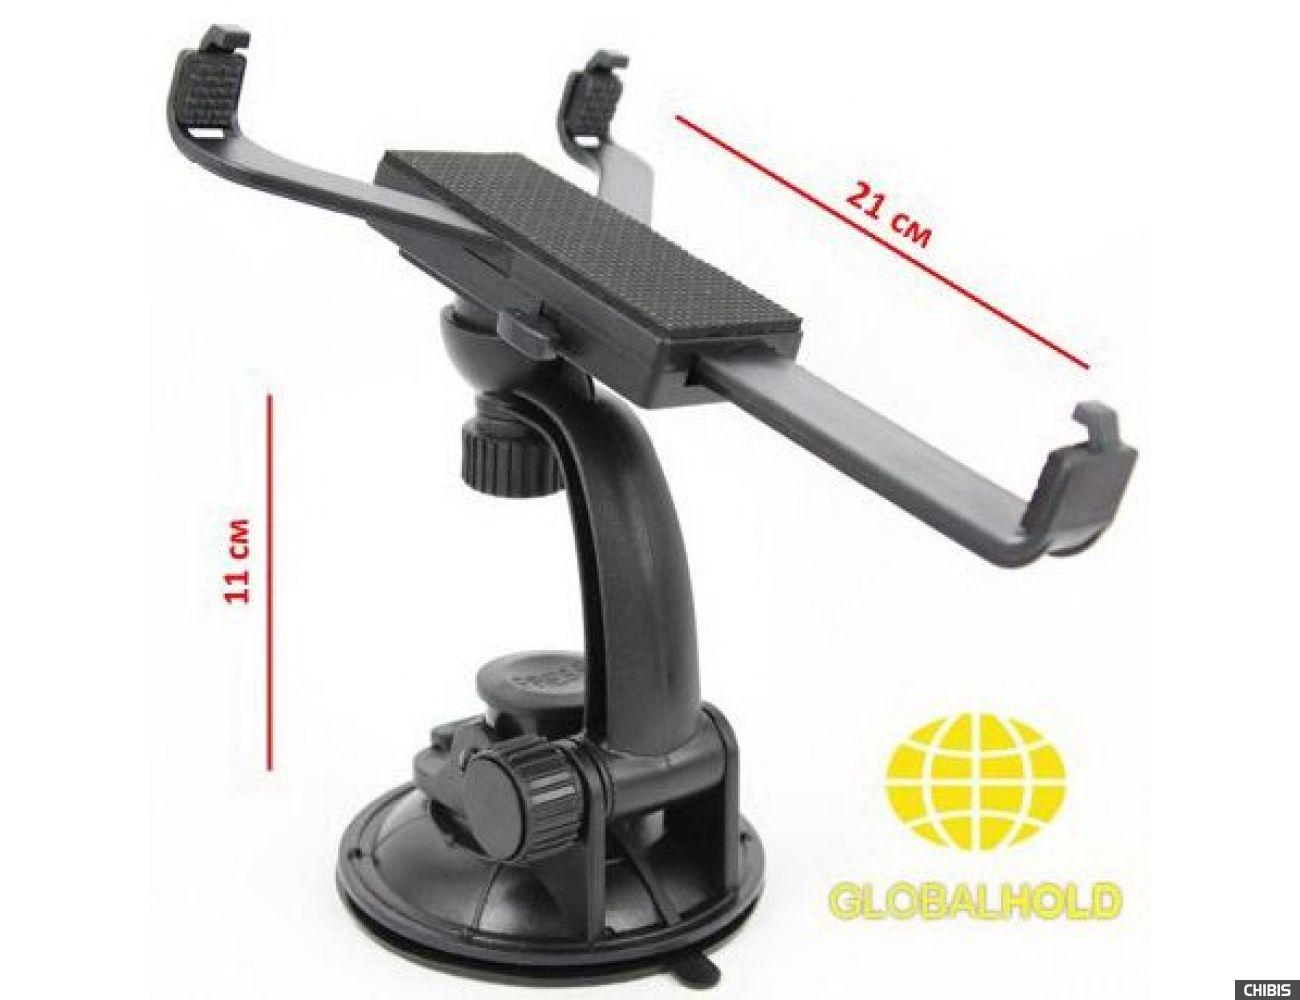 Автодержатель на стекло GlobalHold T01LH для планшетов и навигаторов